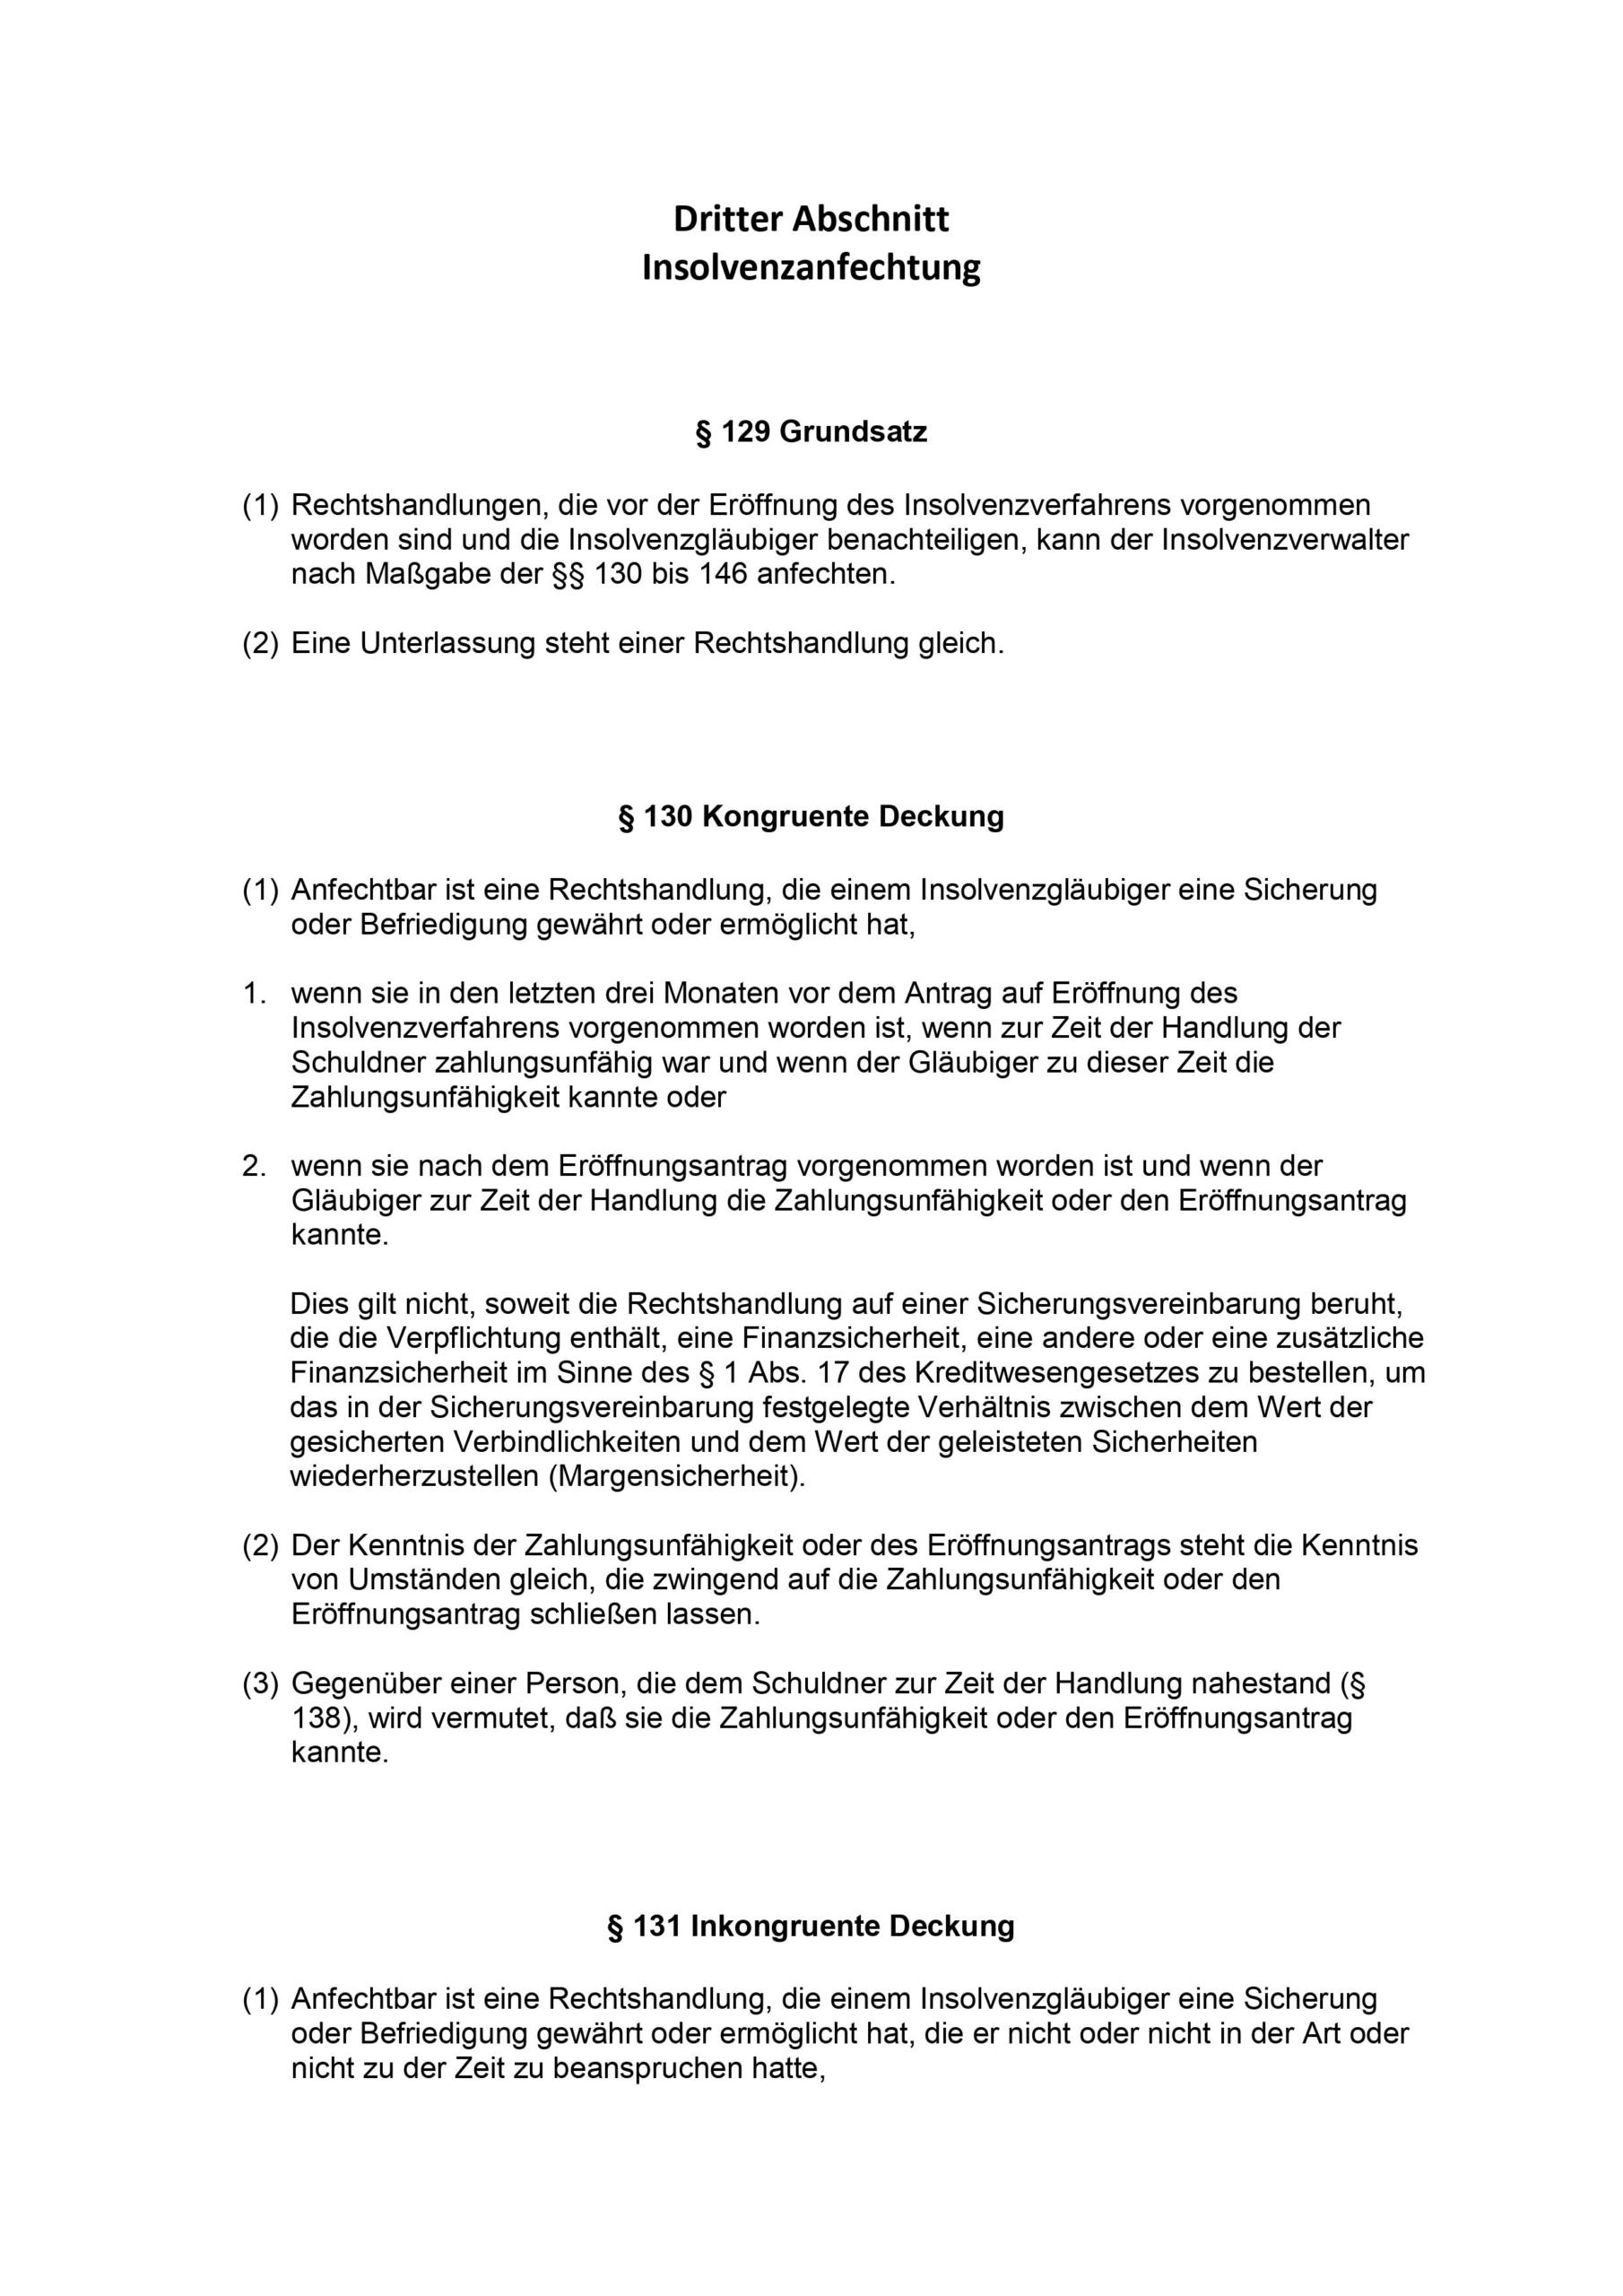 6. Tipp zur Immobilienrettung: Vorsicht vor Anfechtung nach AnfG und InsO